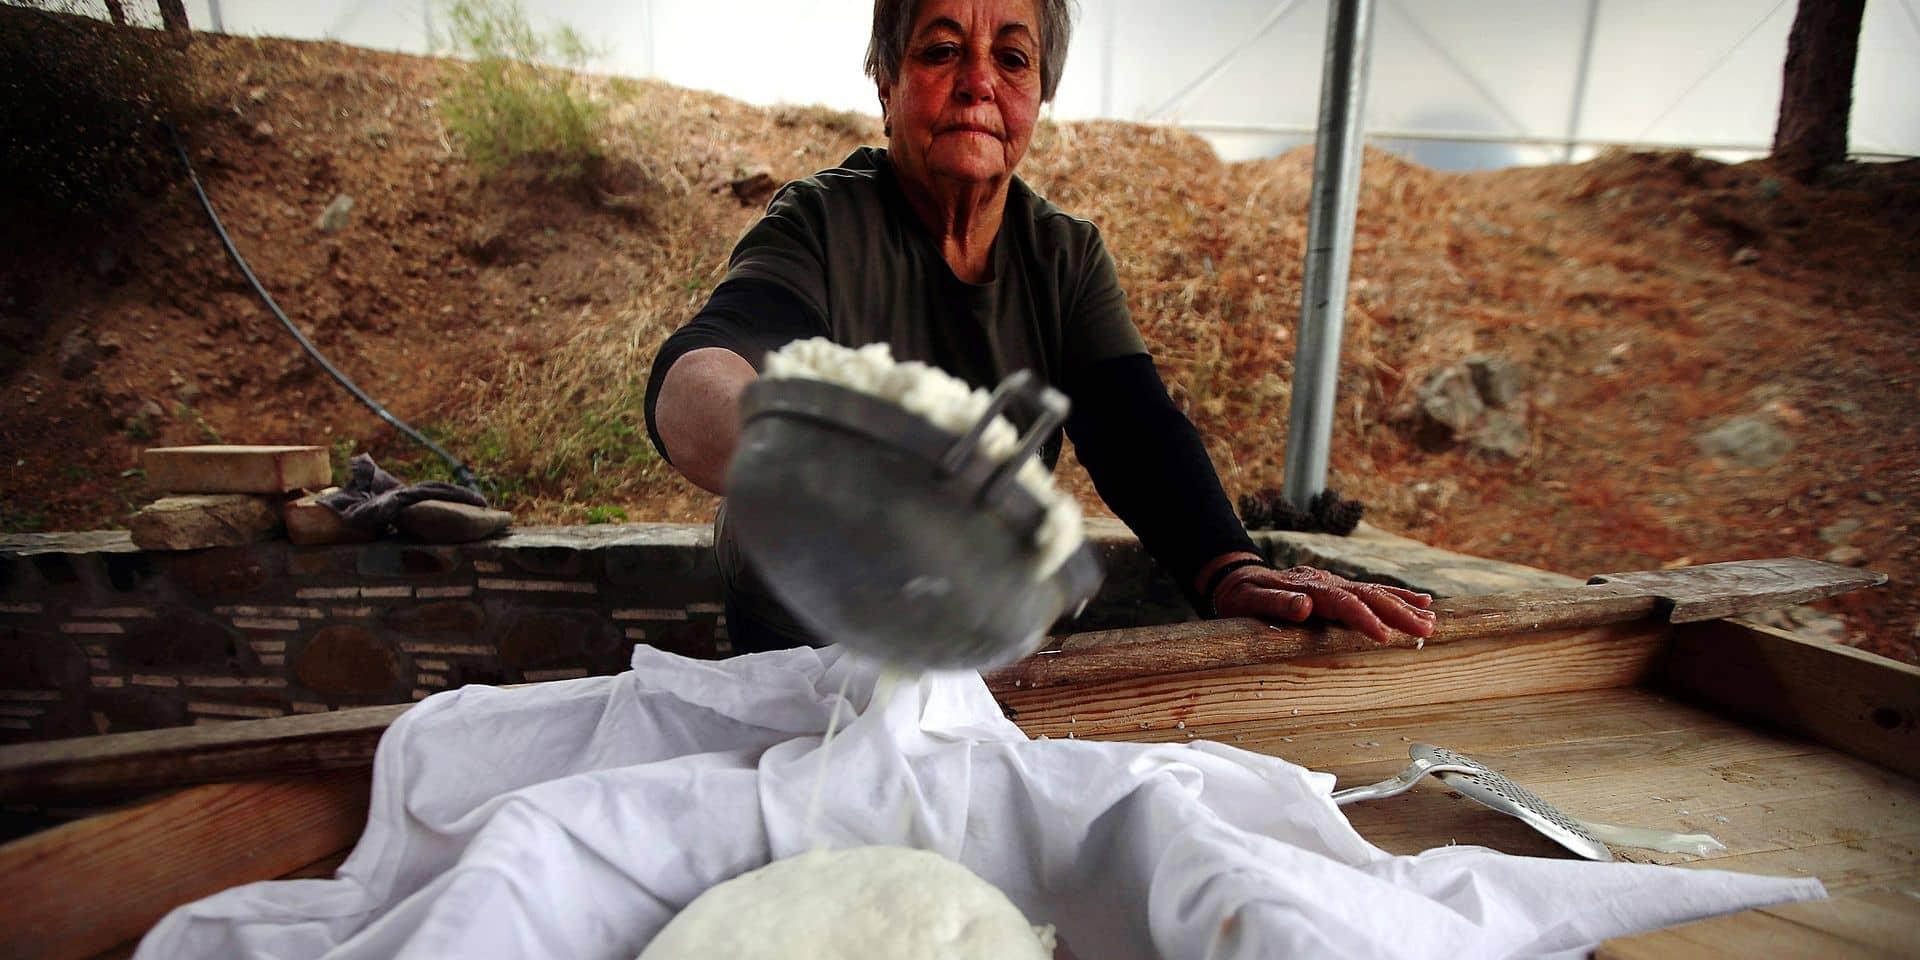 Le halloumi, vache à lait pour l'île de Chypre